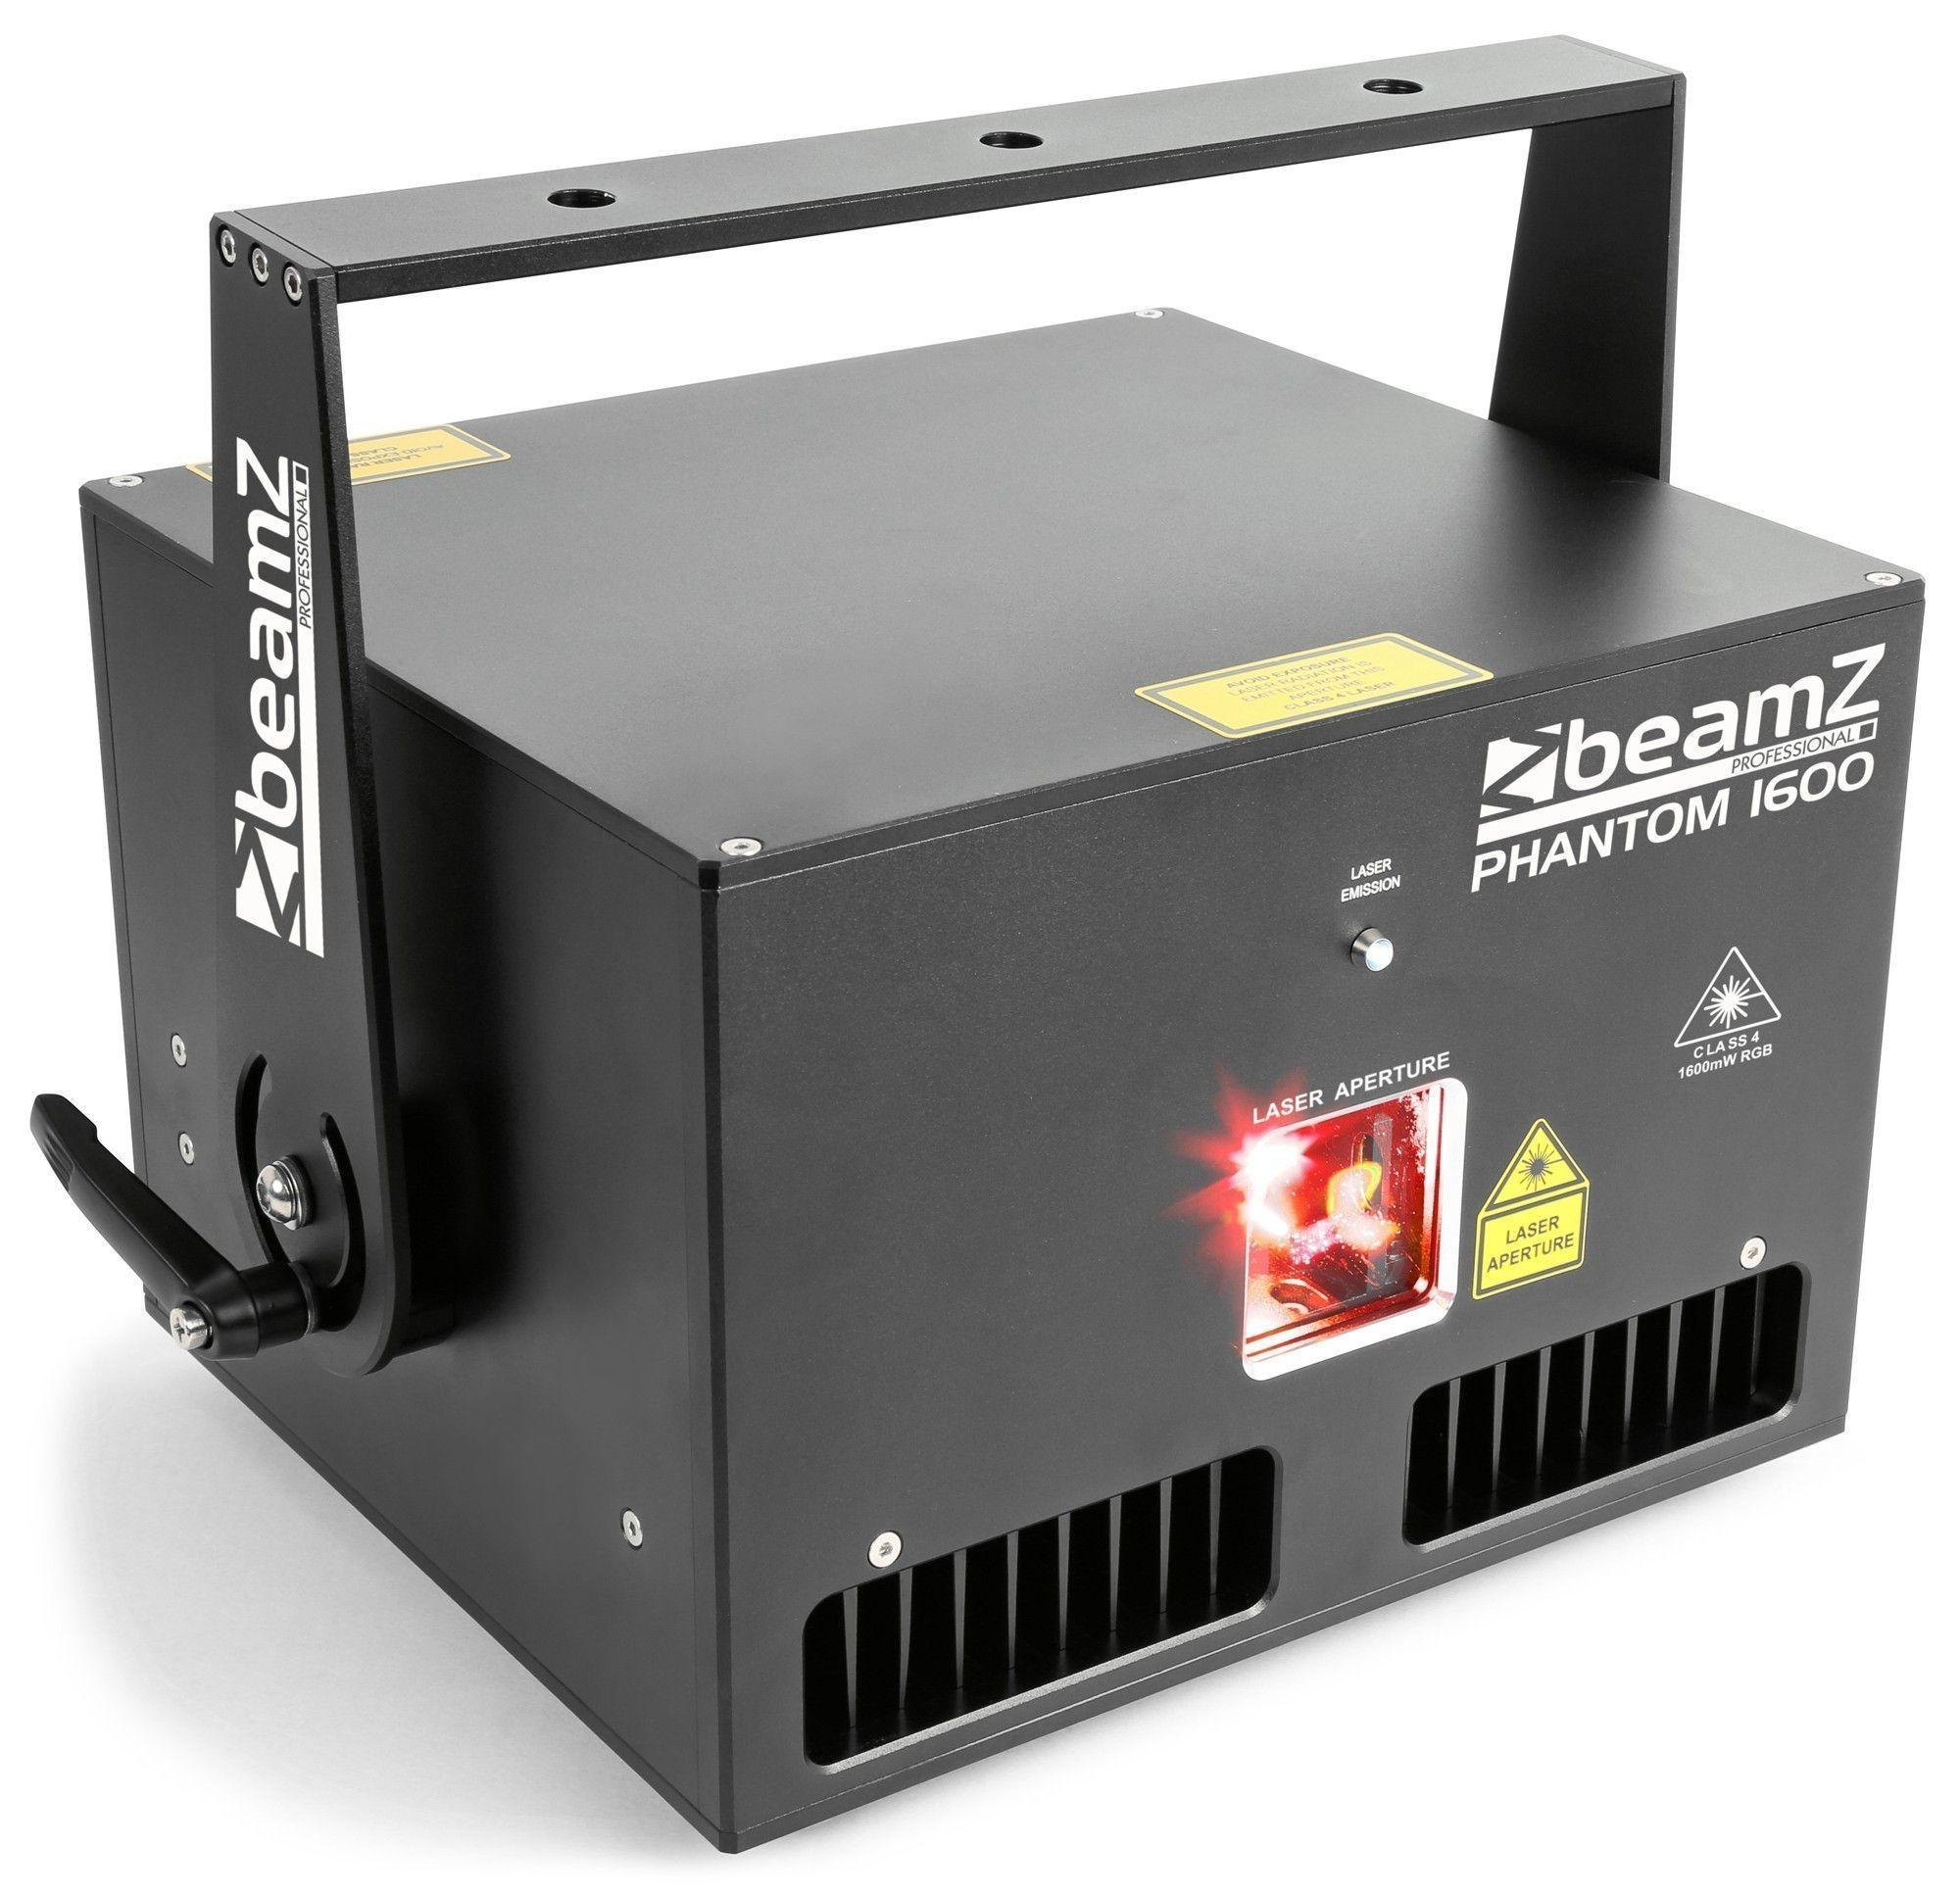 BeamZ Phantom 1600 Pure Diode analoge 1600mW RGB Laser